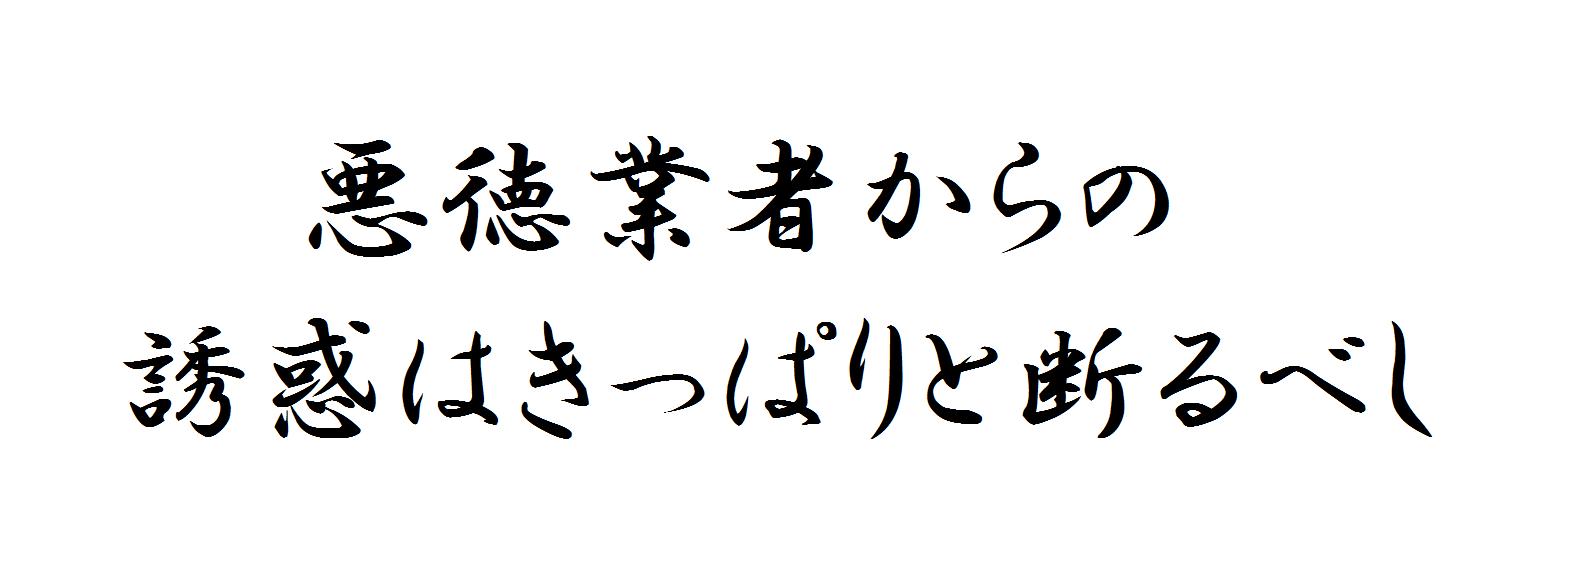 20160720_kakugen